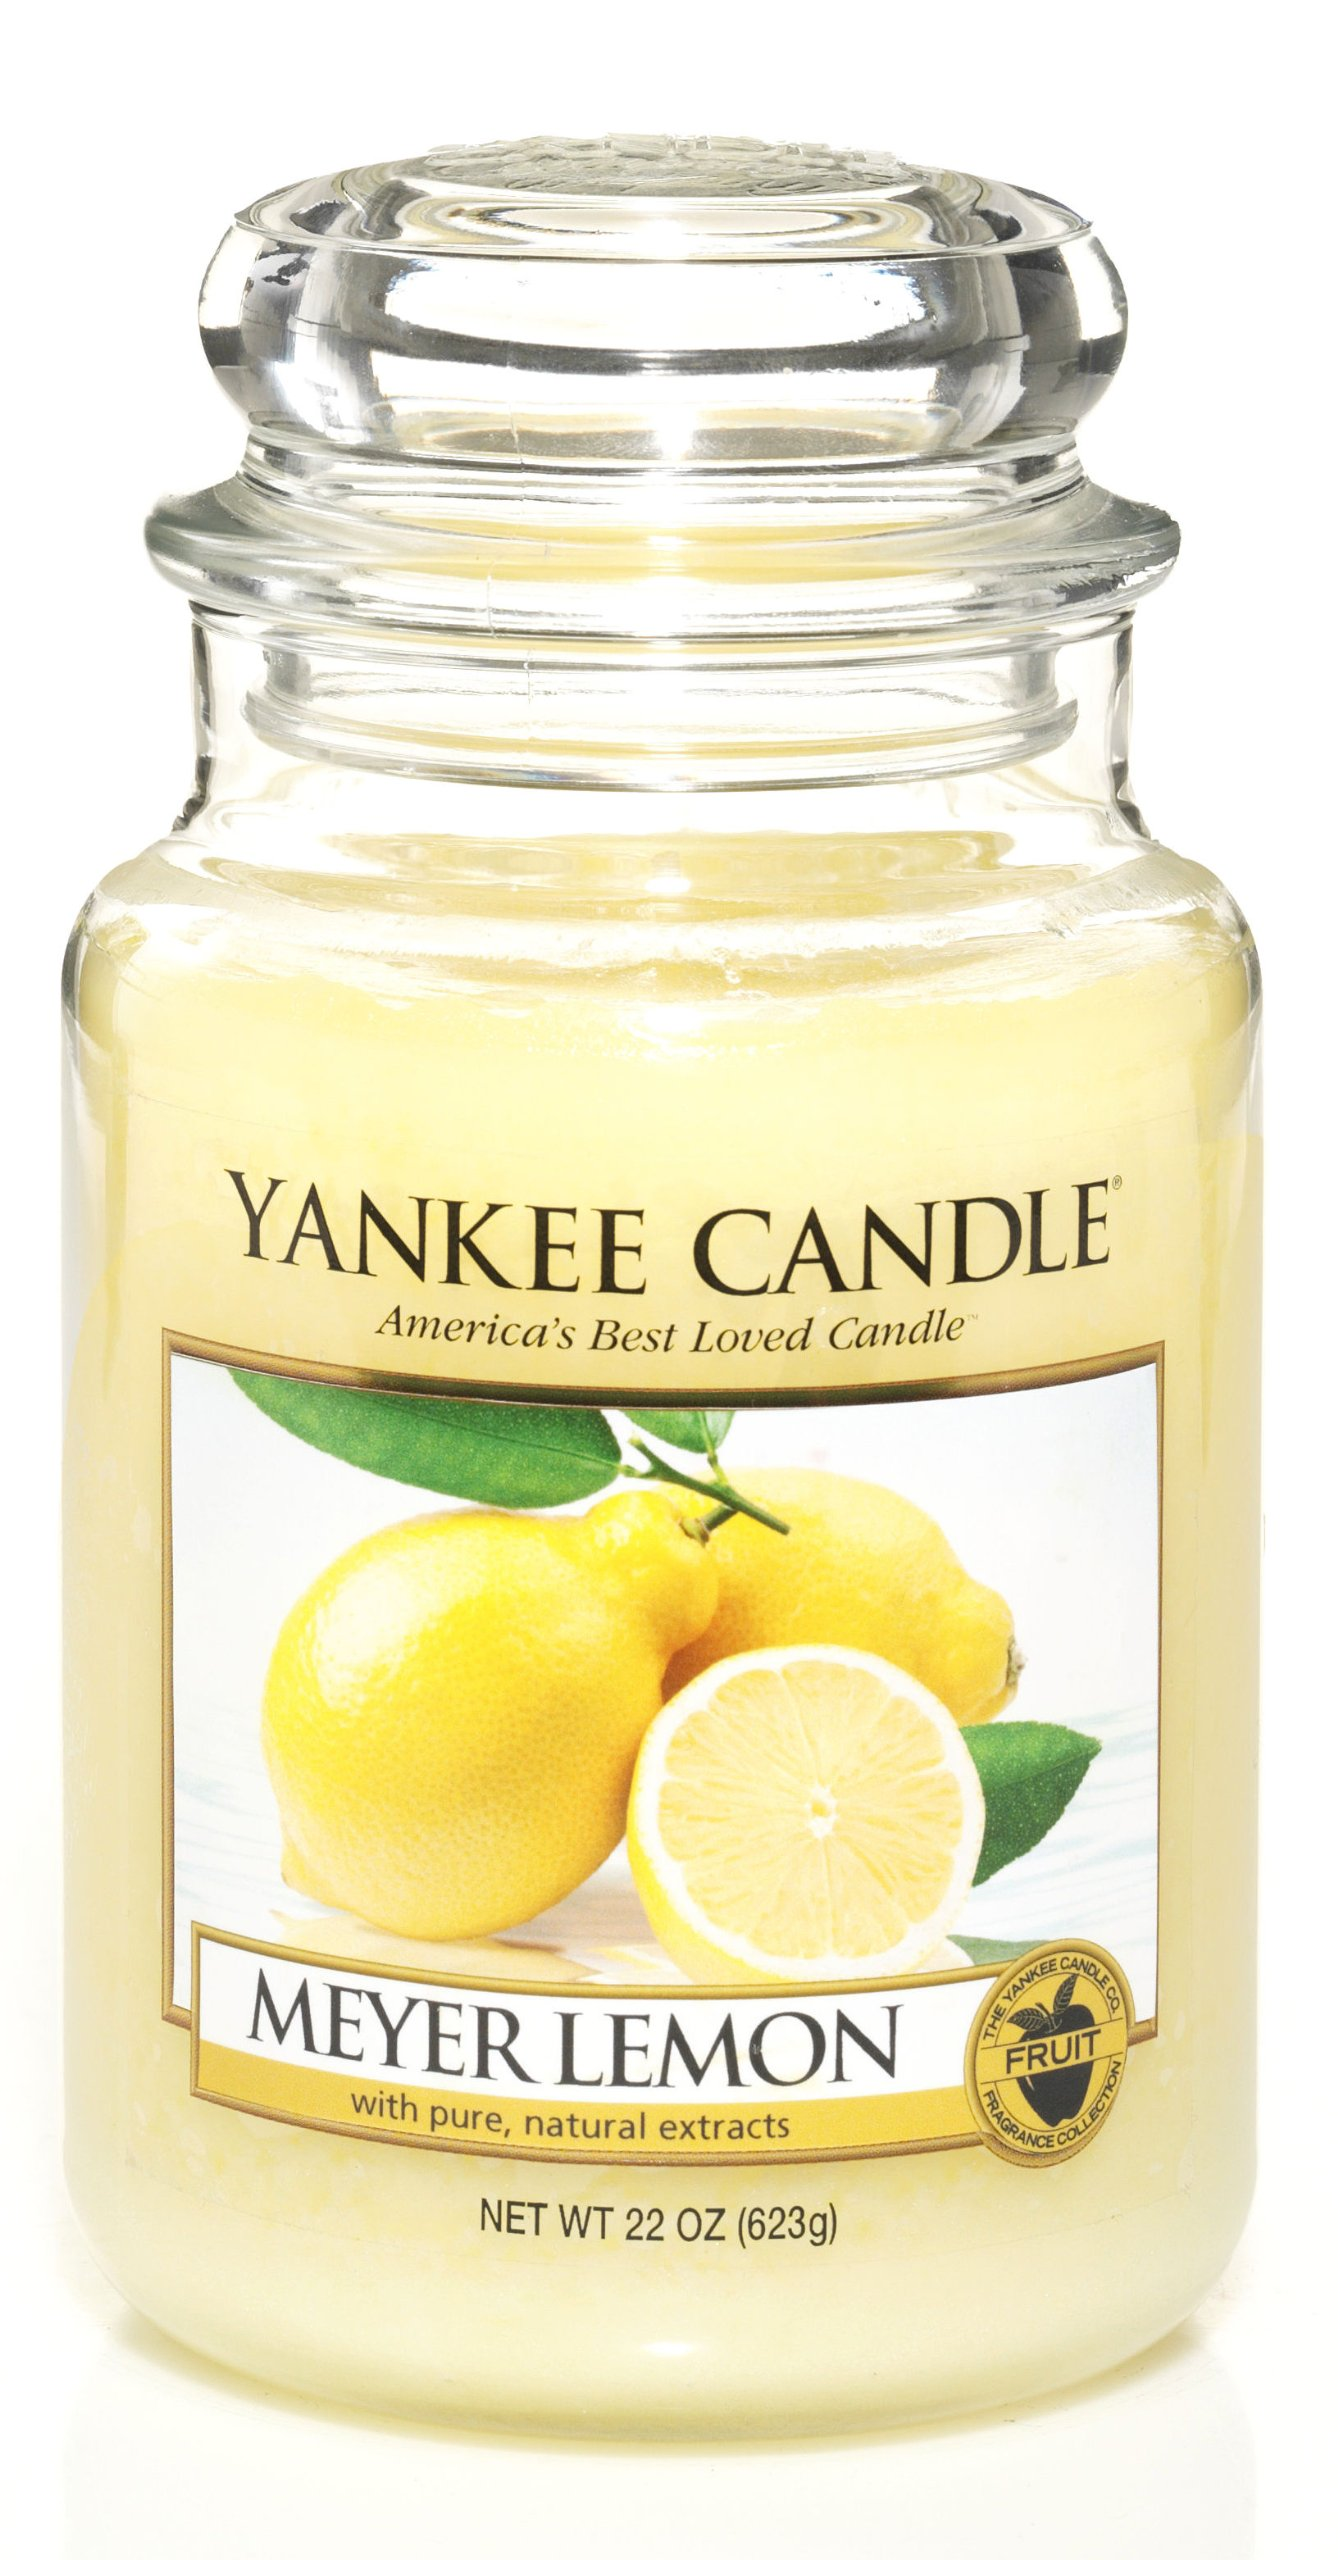 Yankee Candle 22-Ounce Jar Candle, Large, Meyer Lemon